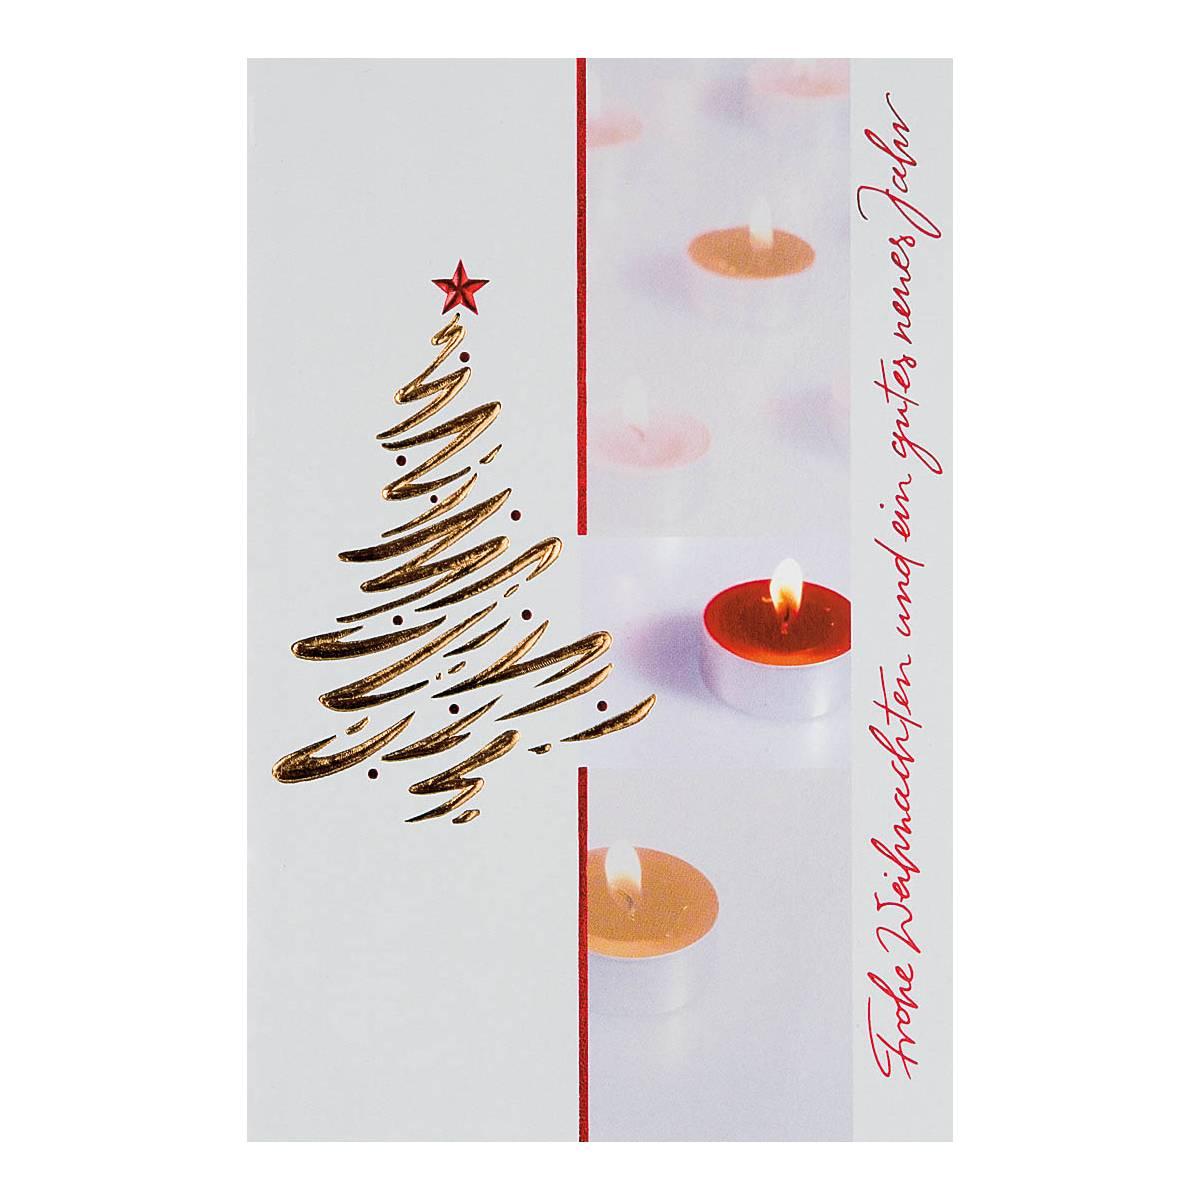 Frohe Weihnachten Schrift.Weihnachtskarte Teelichter Mit Schrift Frohe Weihnachten Und Ein Gutes Neues Jahr Goldene Und Rote Folienpragung Klappkarte